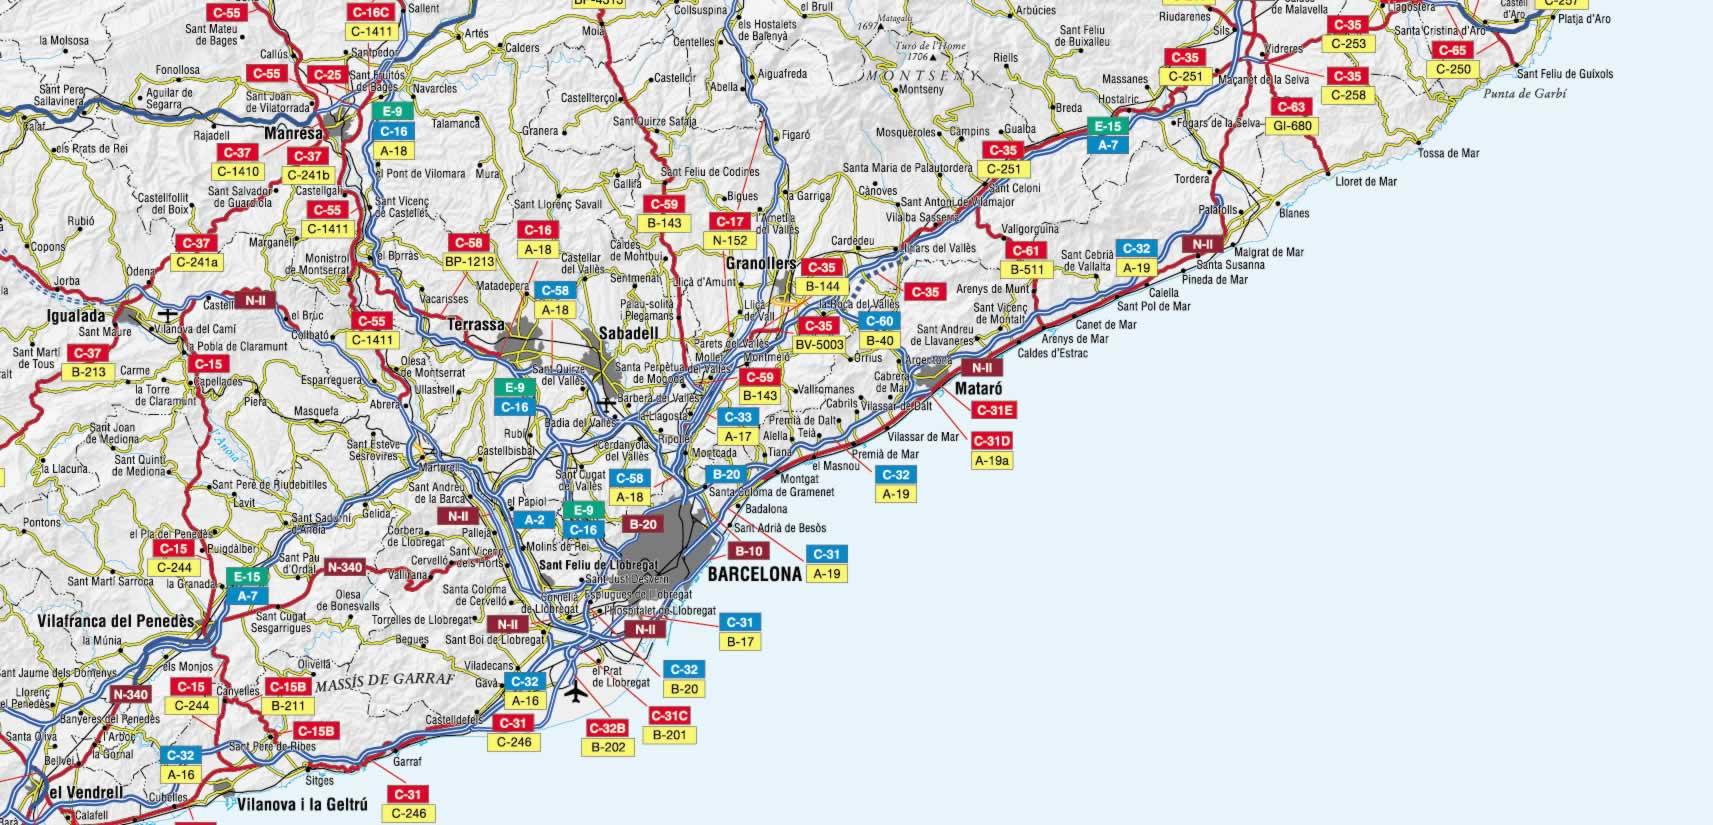 Barcelona access map